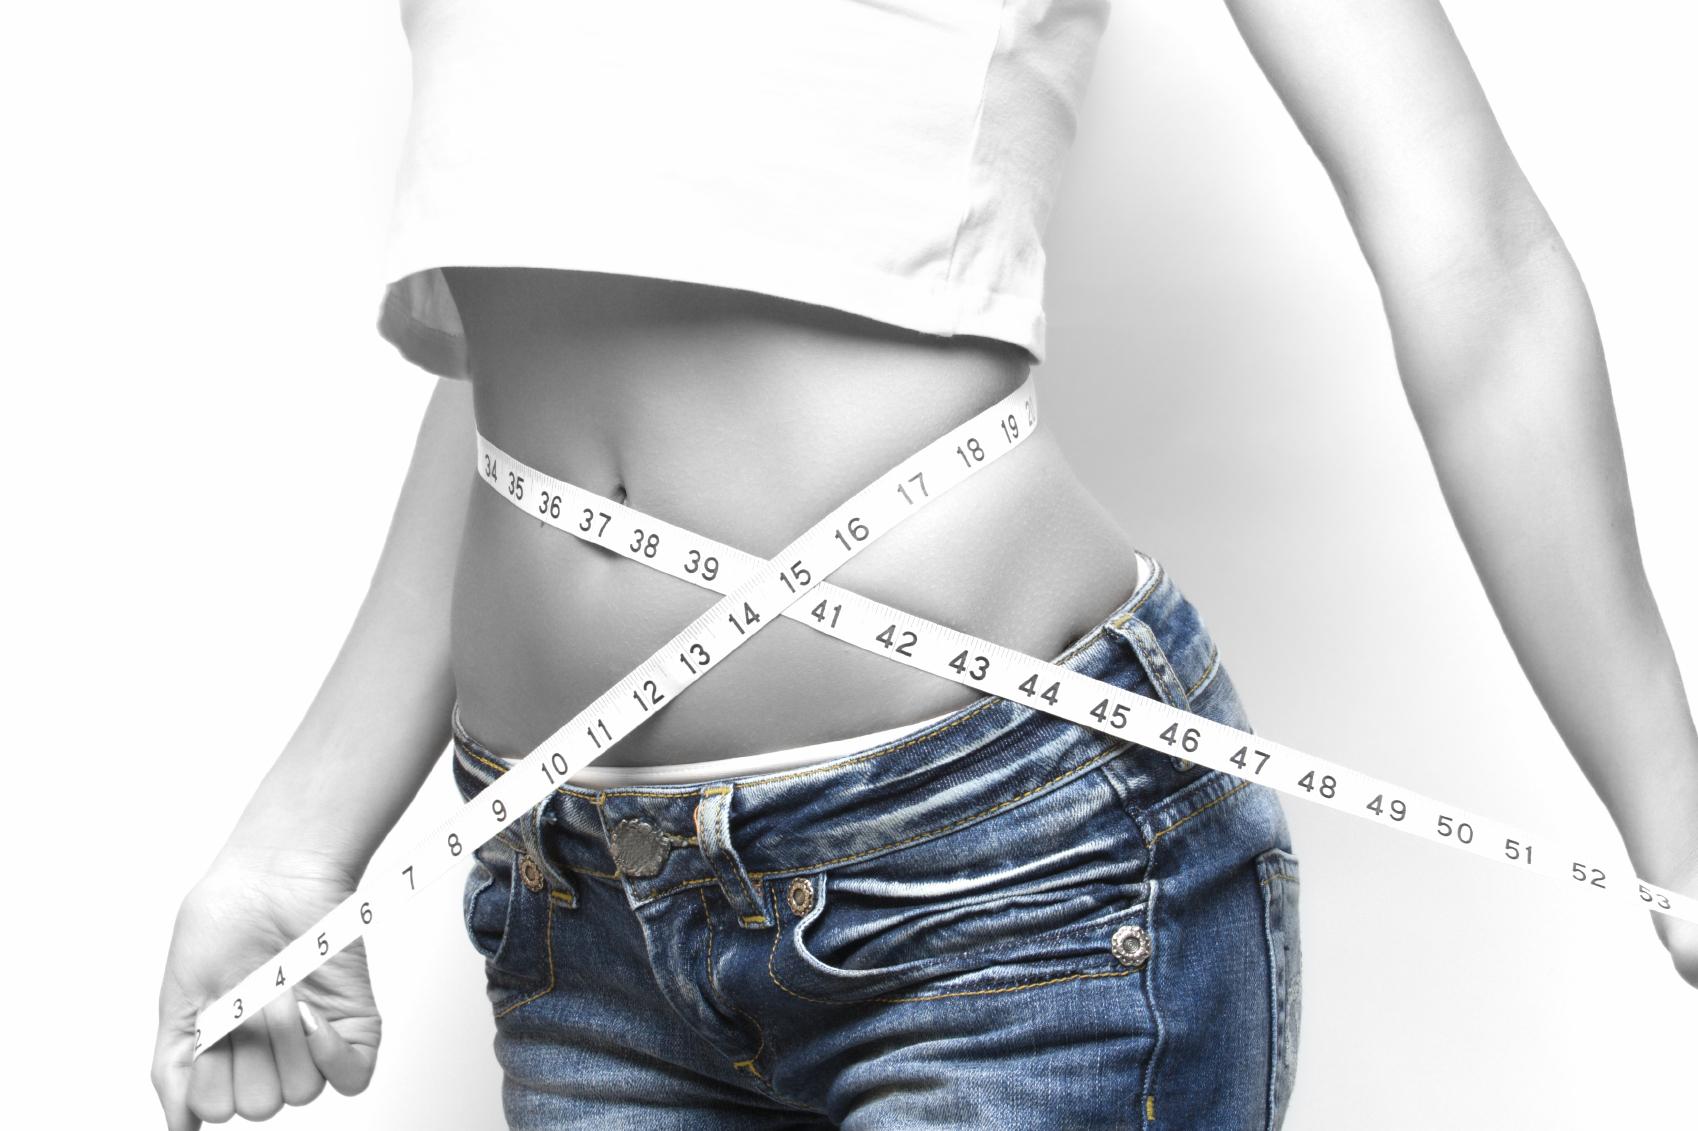 hány kilojoule fogyott a fogyáshoz öko vékony csokoládé